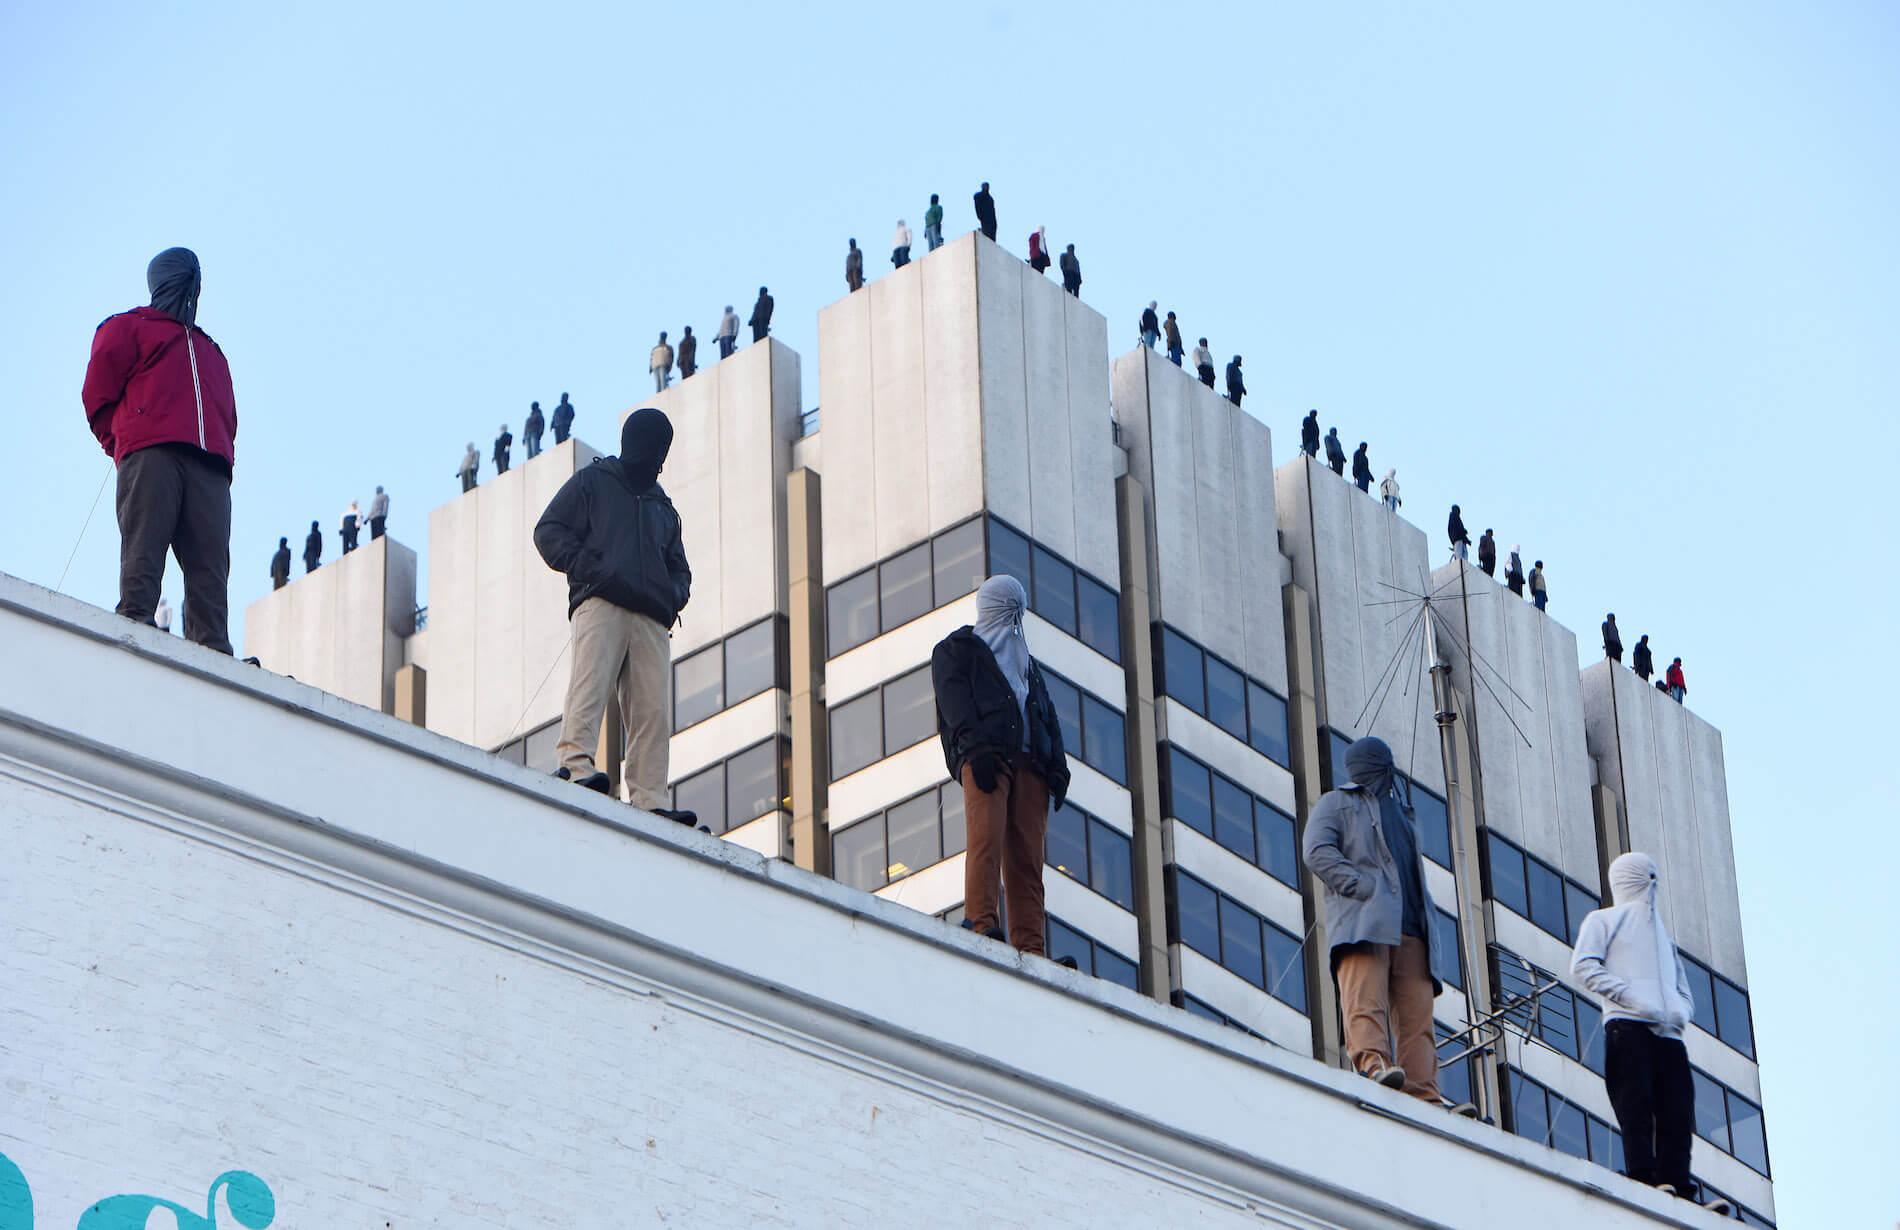 Mark-Jenkins-suicide-awareness-calm-london-rooftops-84-sculptures-9.jpg